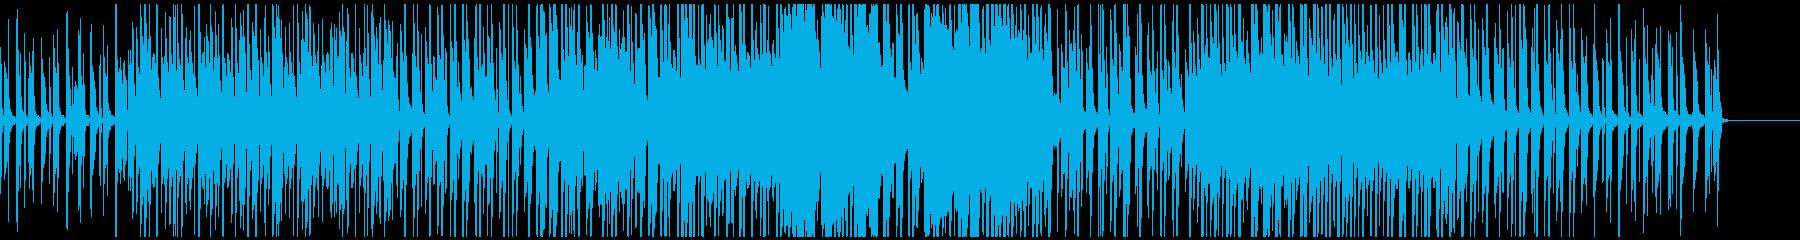 ピアノを中心としたミニマルなエレクトロの再生済みの波形